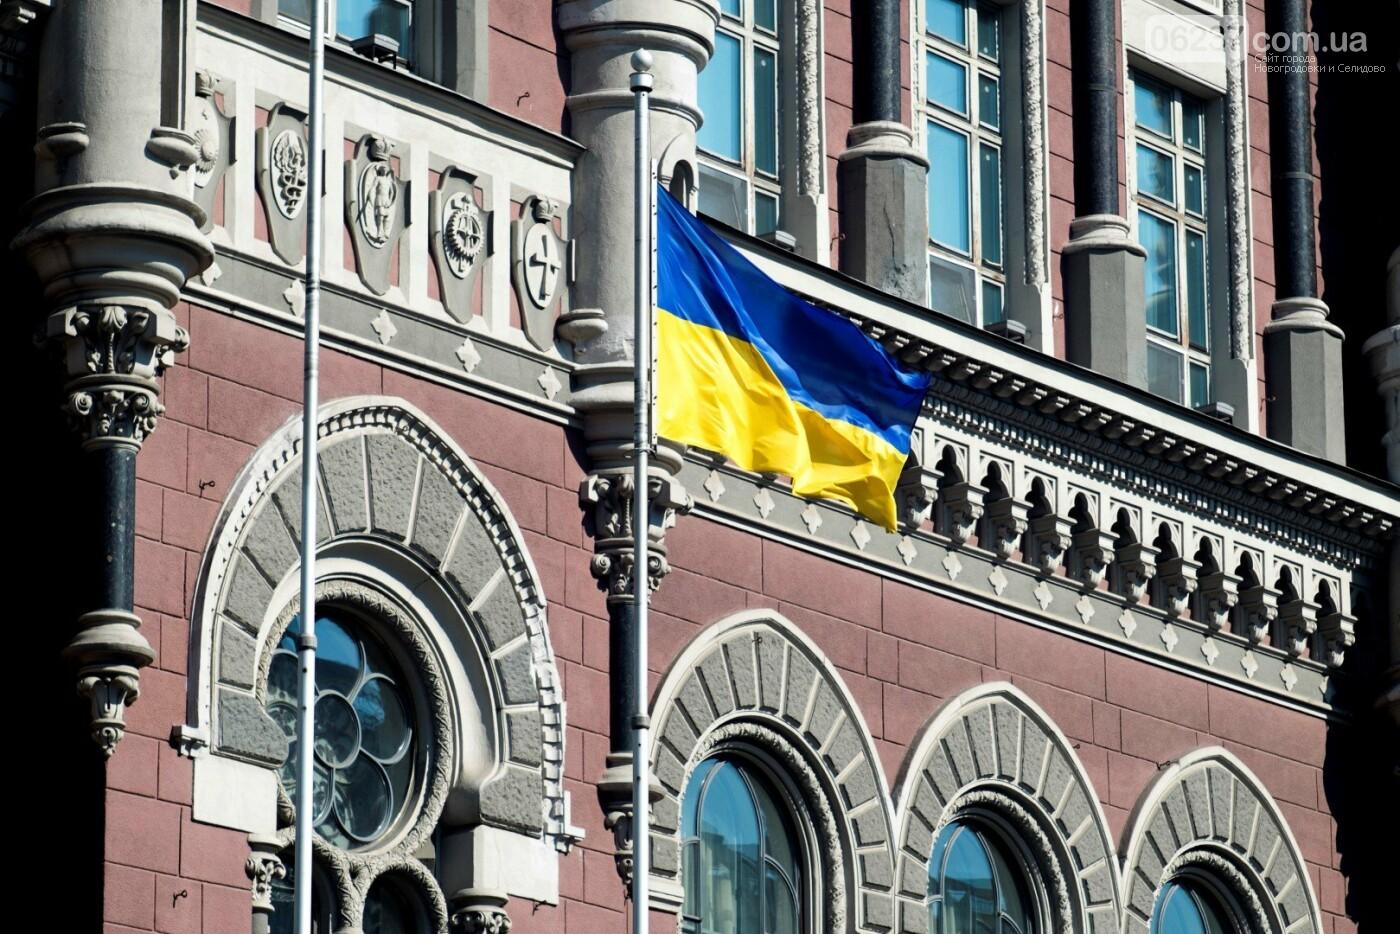 Украинские банки обяжут возвращать деньги клиентам, если их сняли мошенники, фото-1